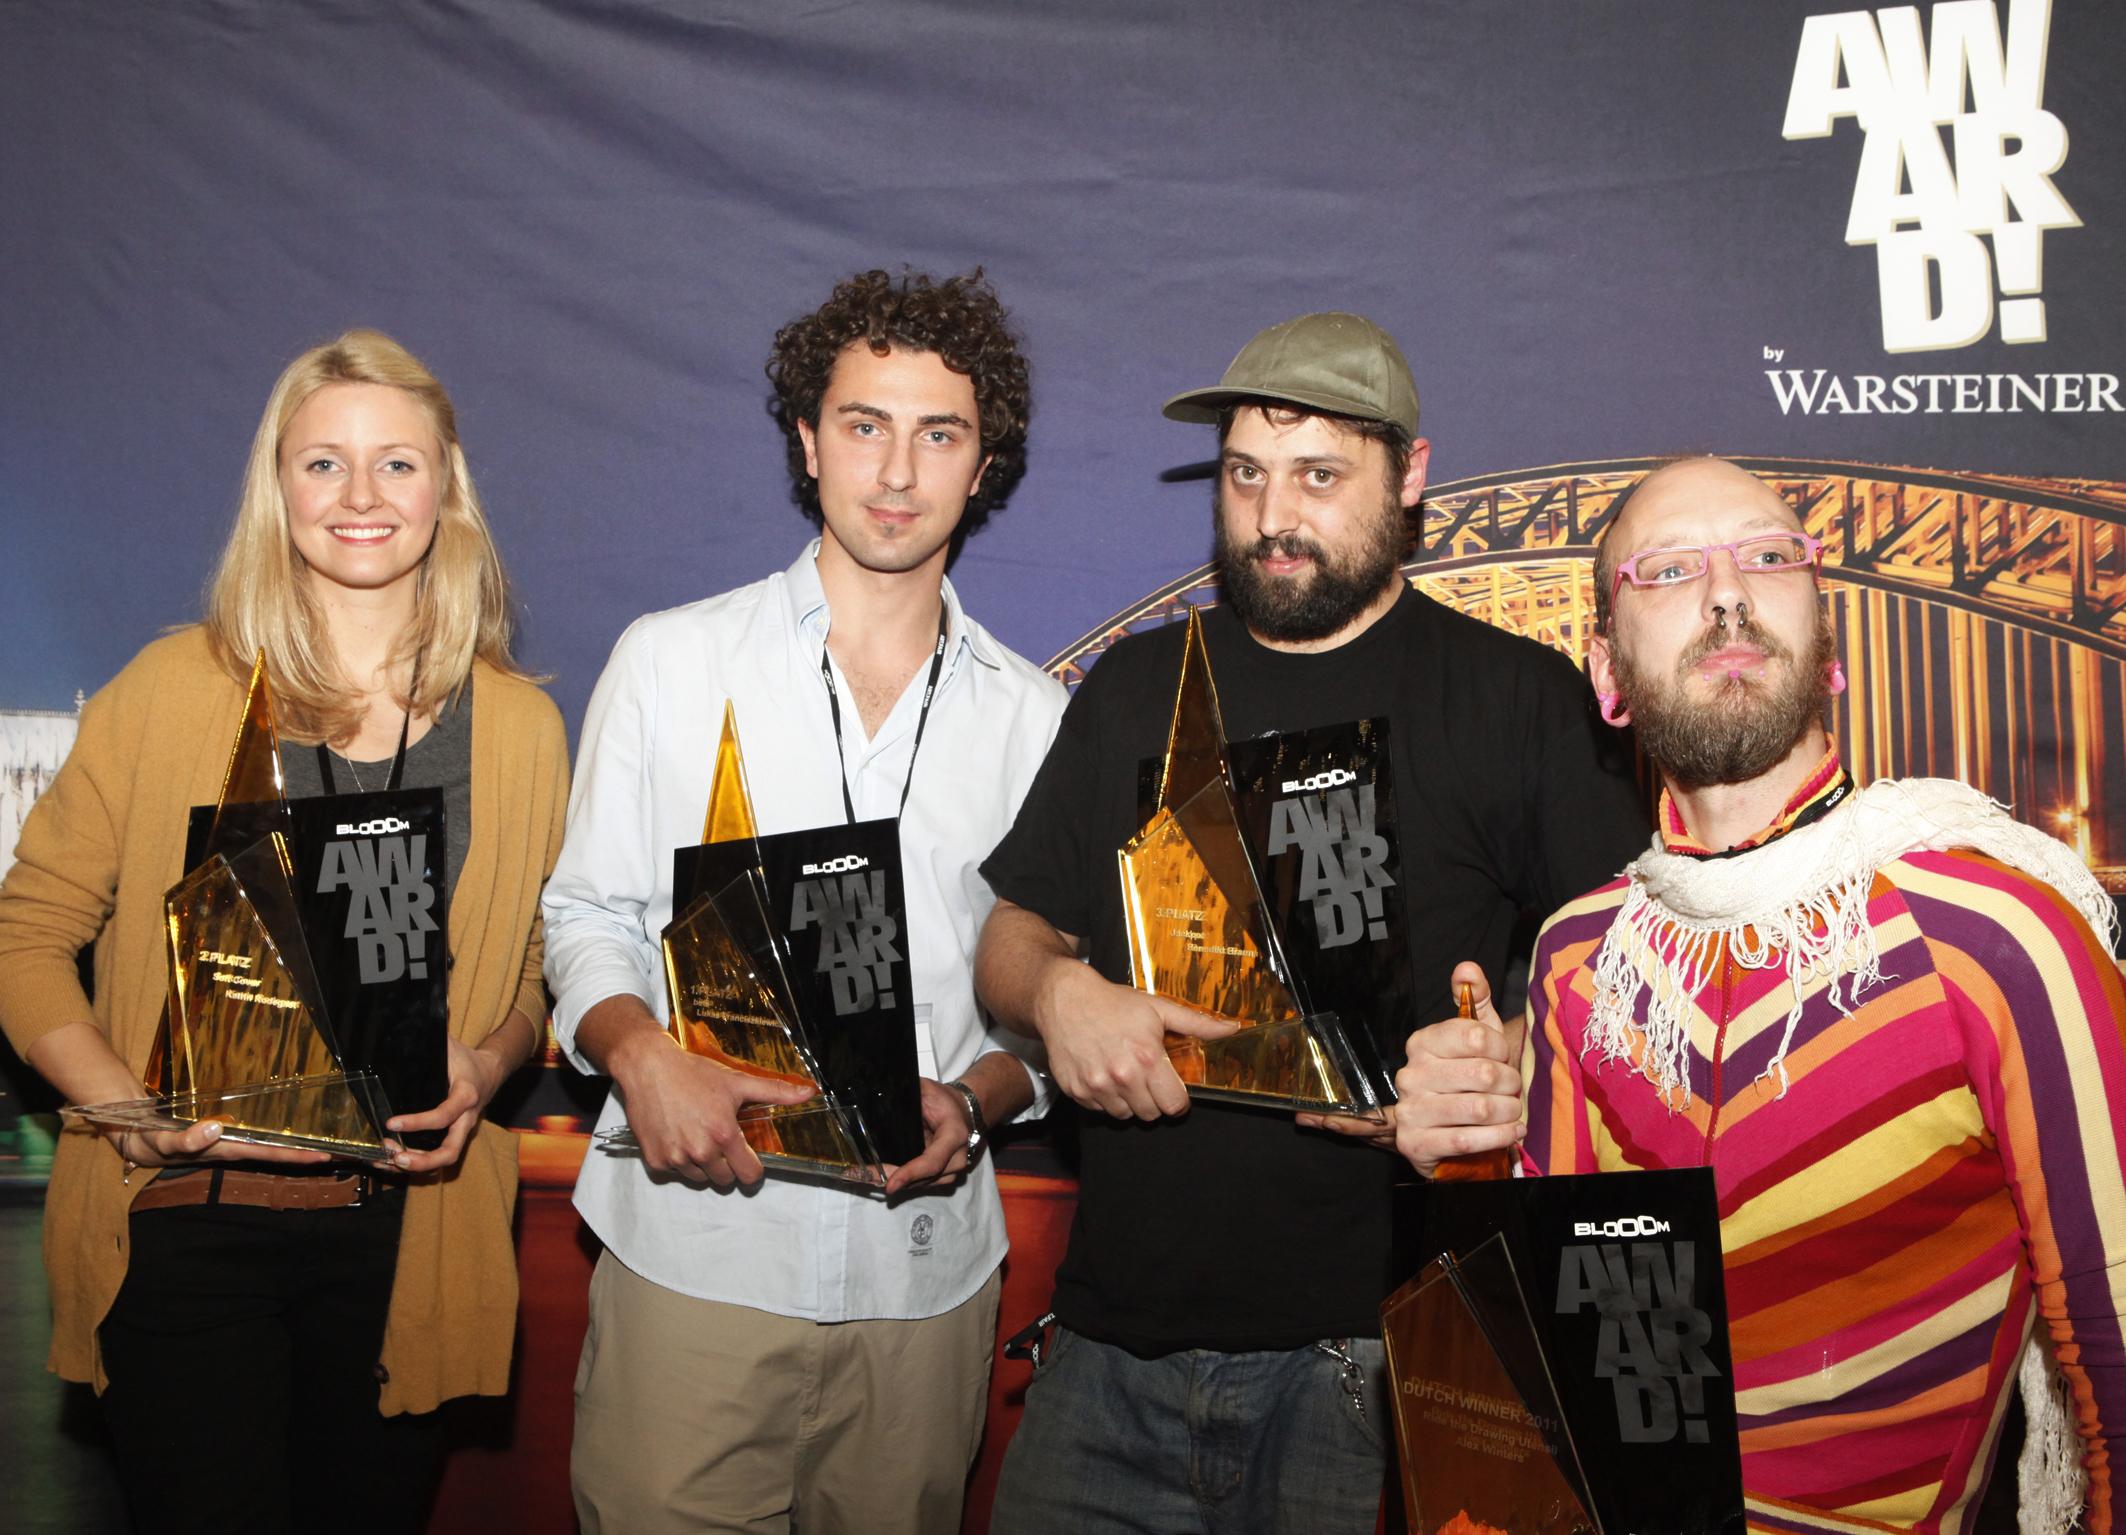 BLOOOM Award by WARSTEINER – Bewerbungsphase endet am 31. Juli